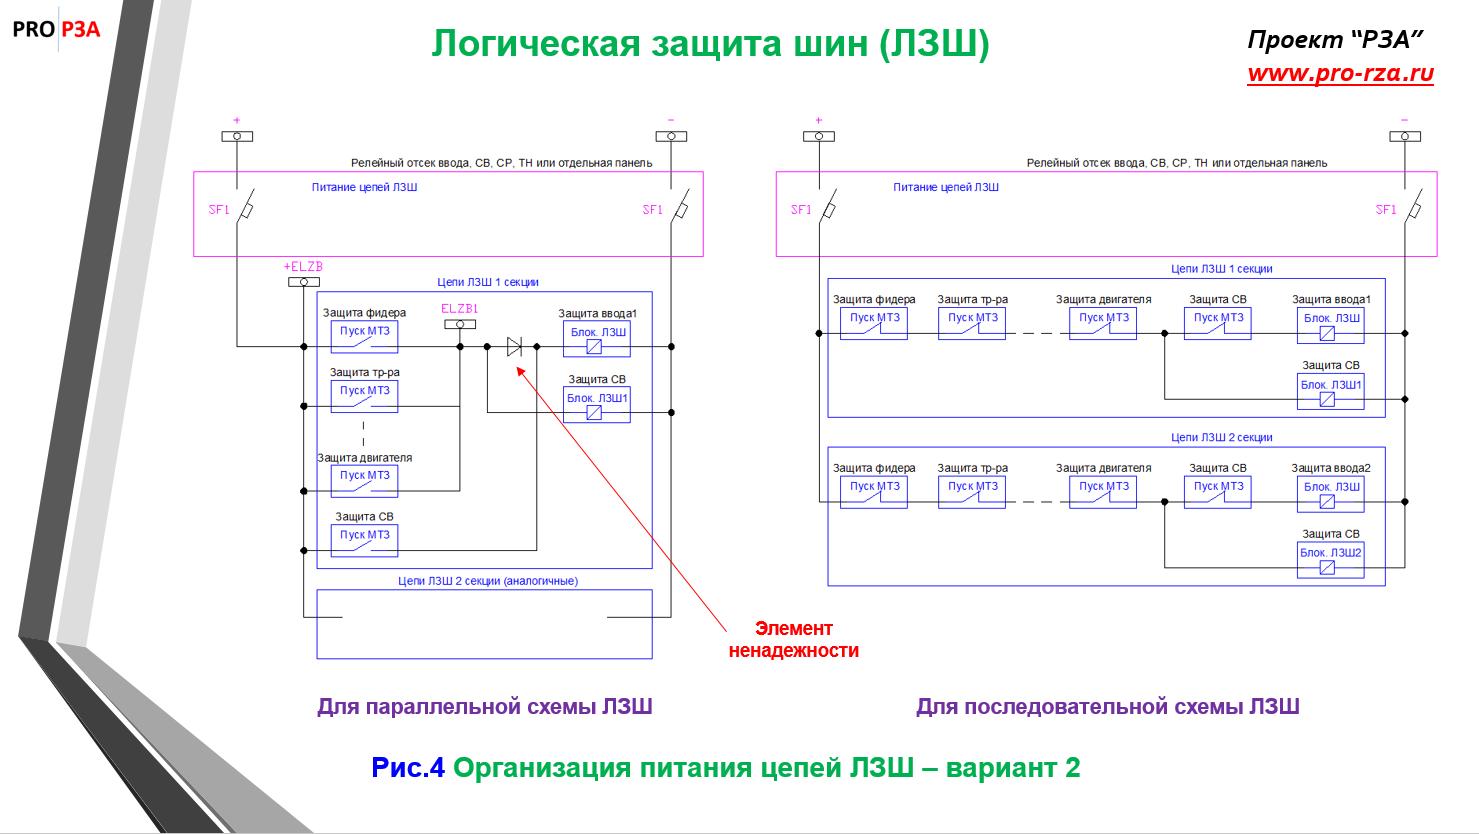 Питание цепей ЛЗШ - вариант 2